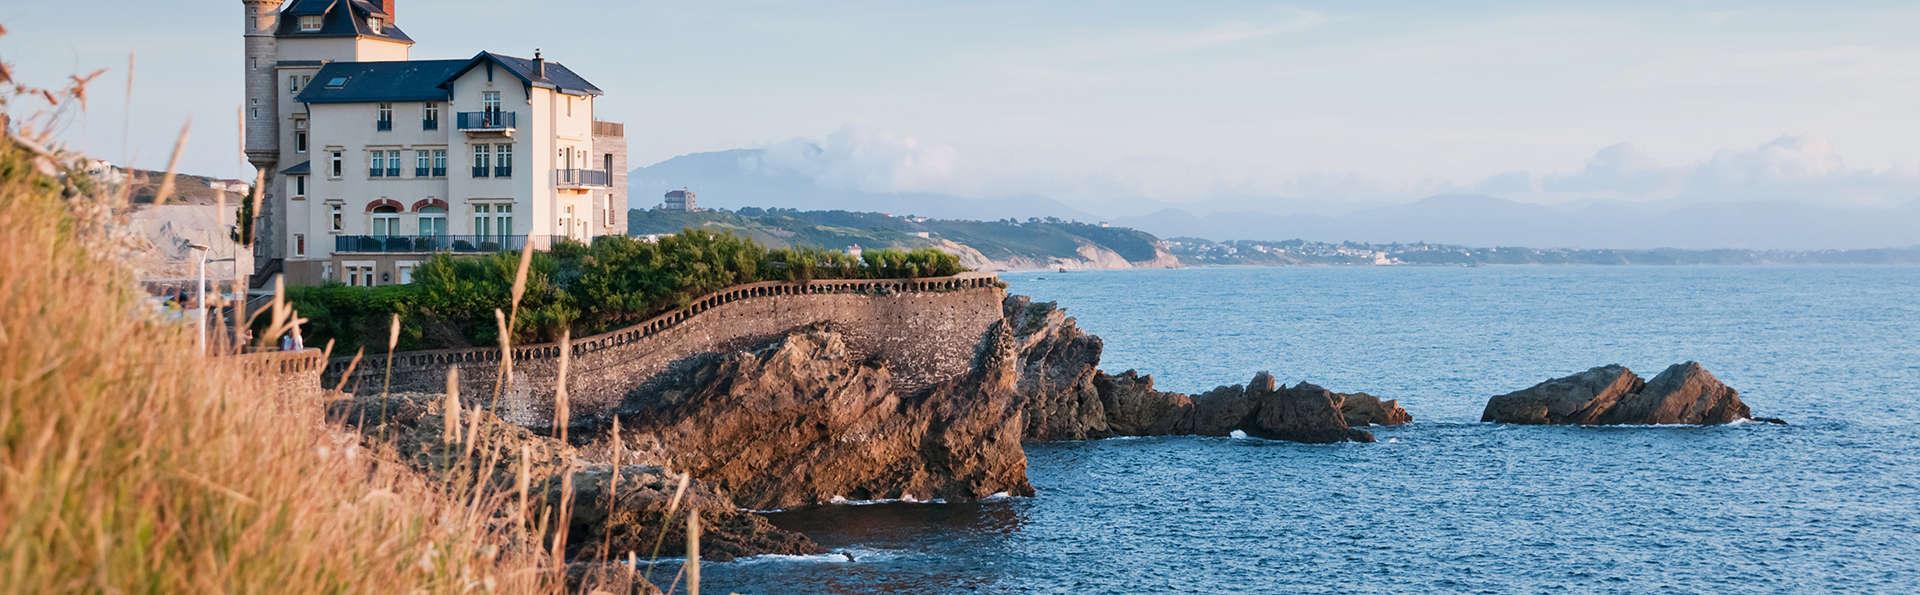 Descubre la costa atlántica en el corazón de Biarritz